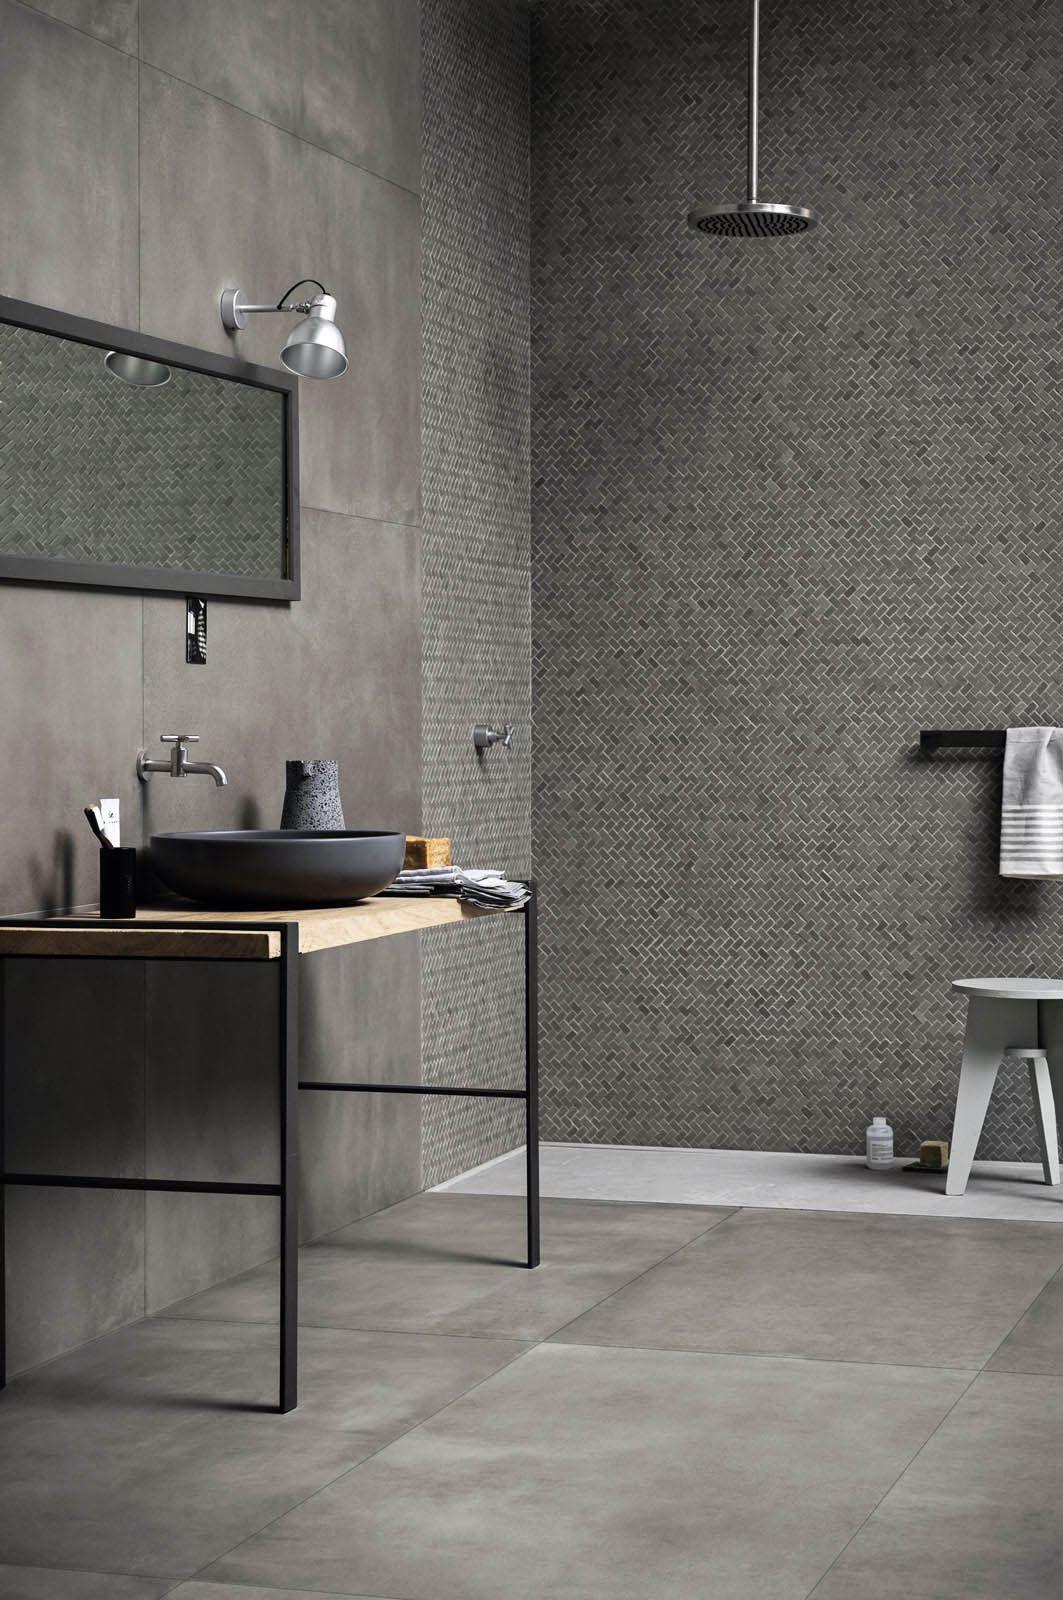 Wohnzimmerfliesen 2018 fliesen für das bad  marazzi  bathroom in   pinterest  baños